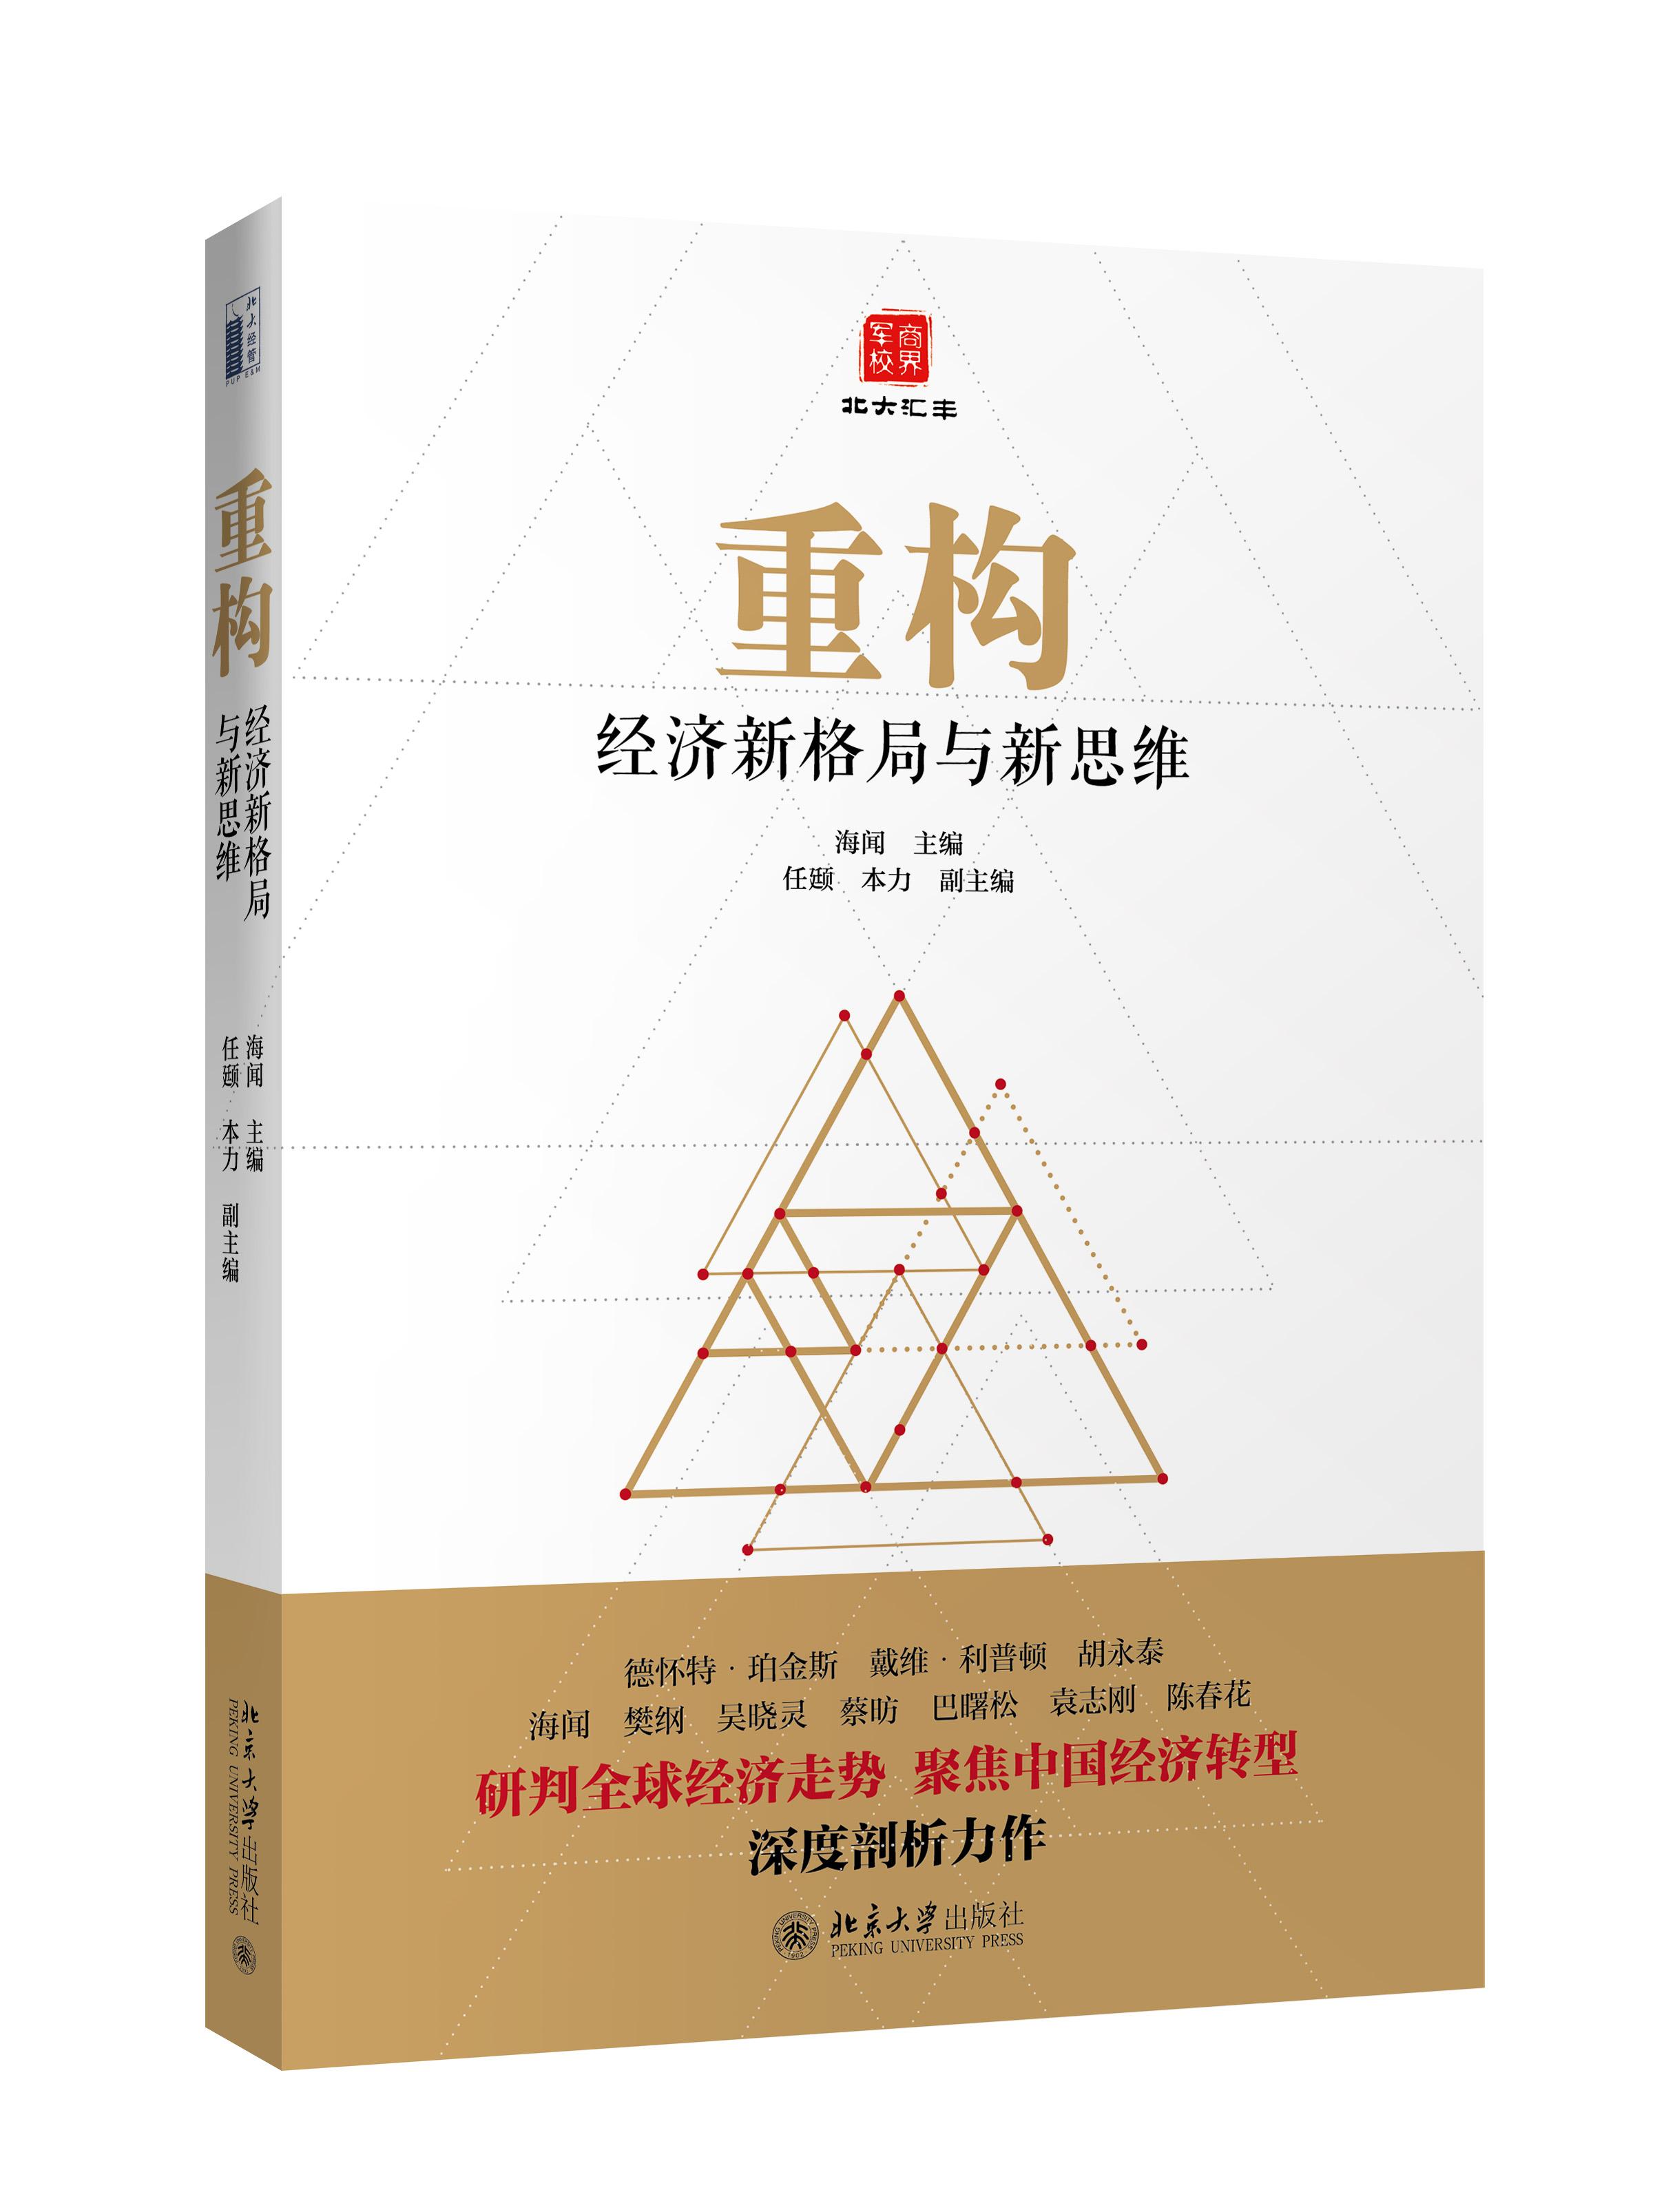 被粉饰的诅咒——NUS邓永恒教授多维透析中国房市沉与浮